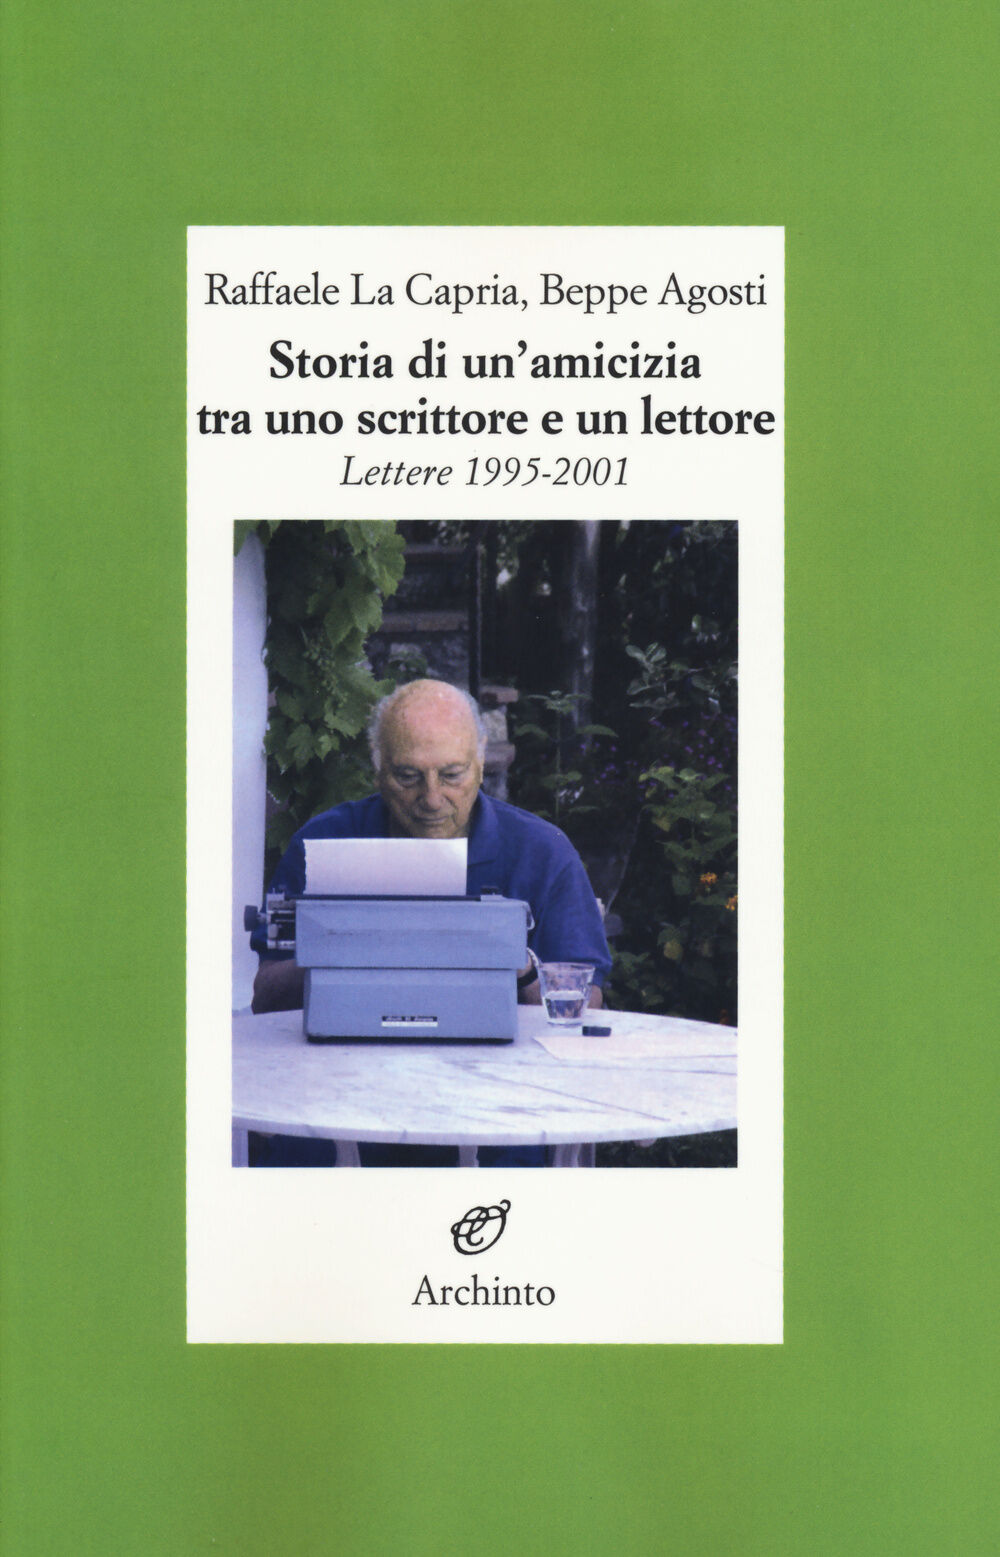 Storia di un'amicizia tra uno scrittore e un lettore. Lettere (1995-2001)